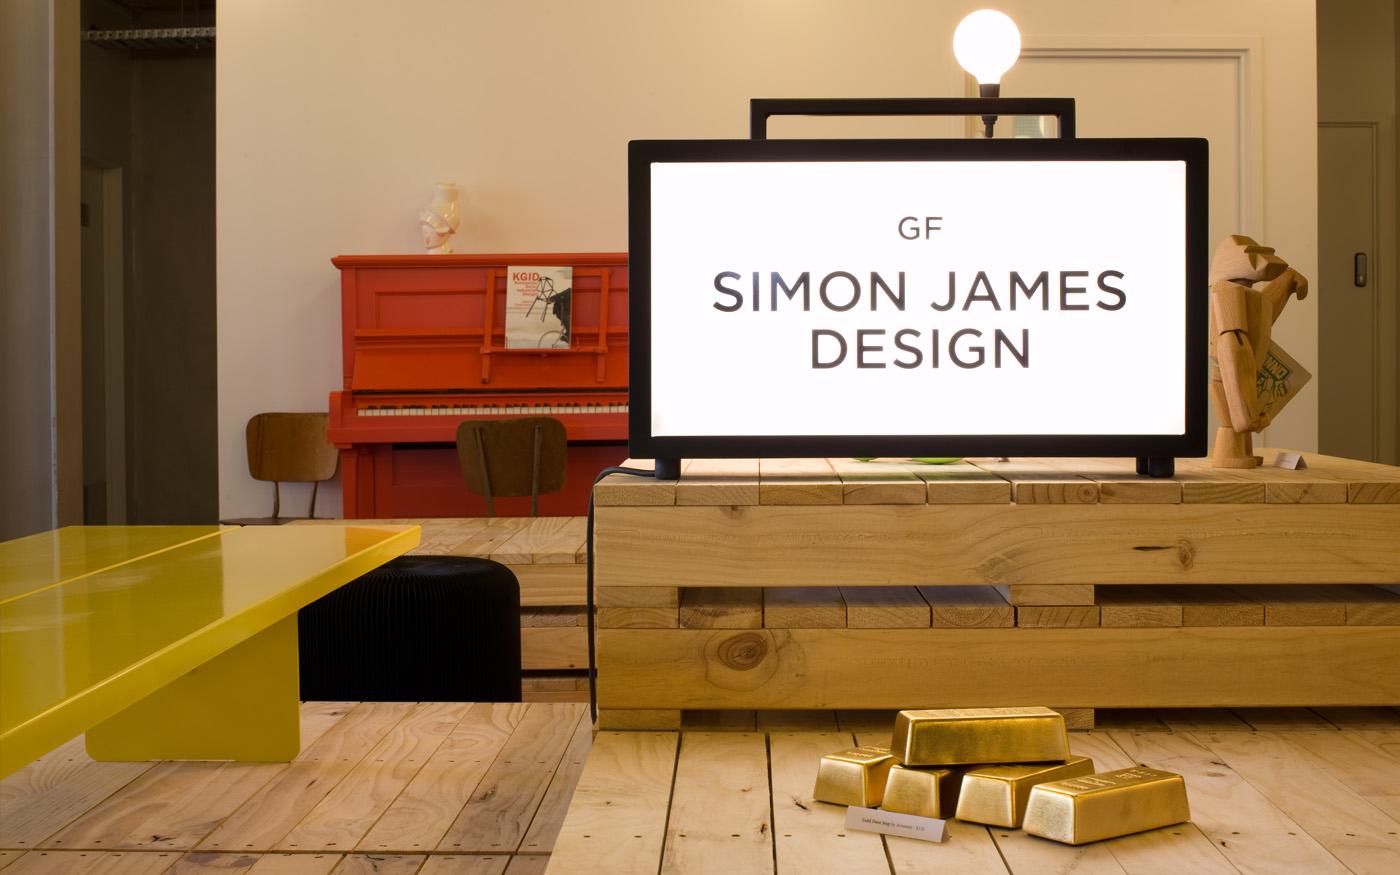 The Department Store - Brogen Averill for Light Box Branding  587fsj